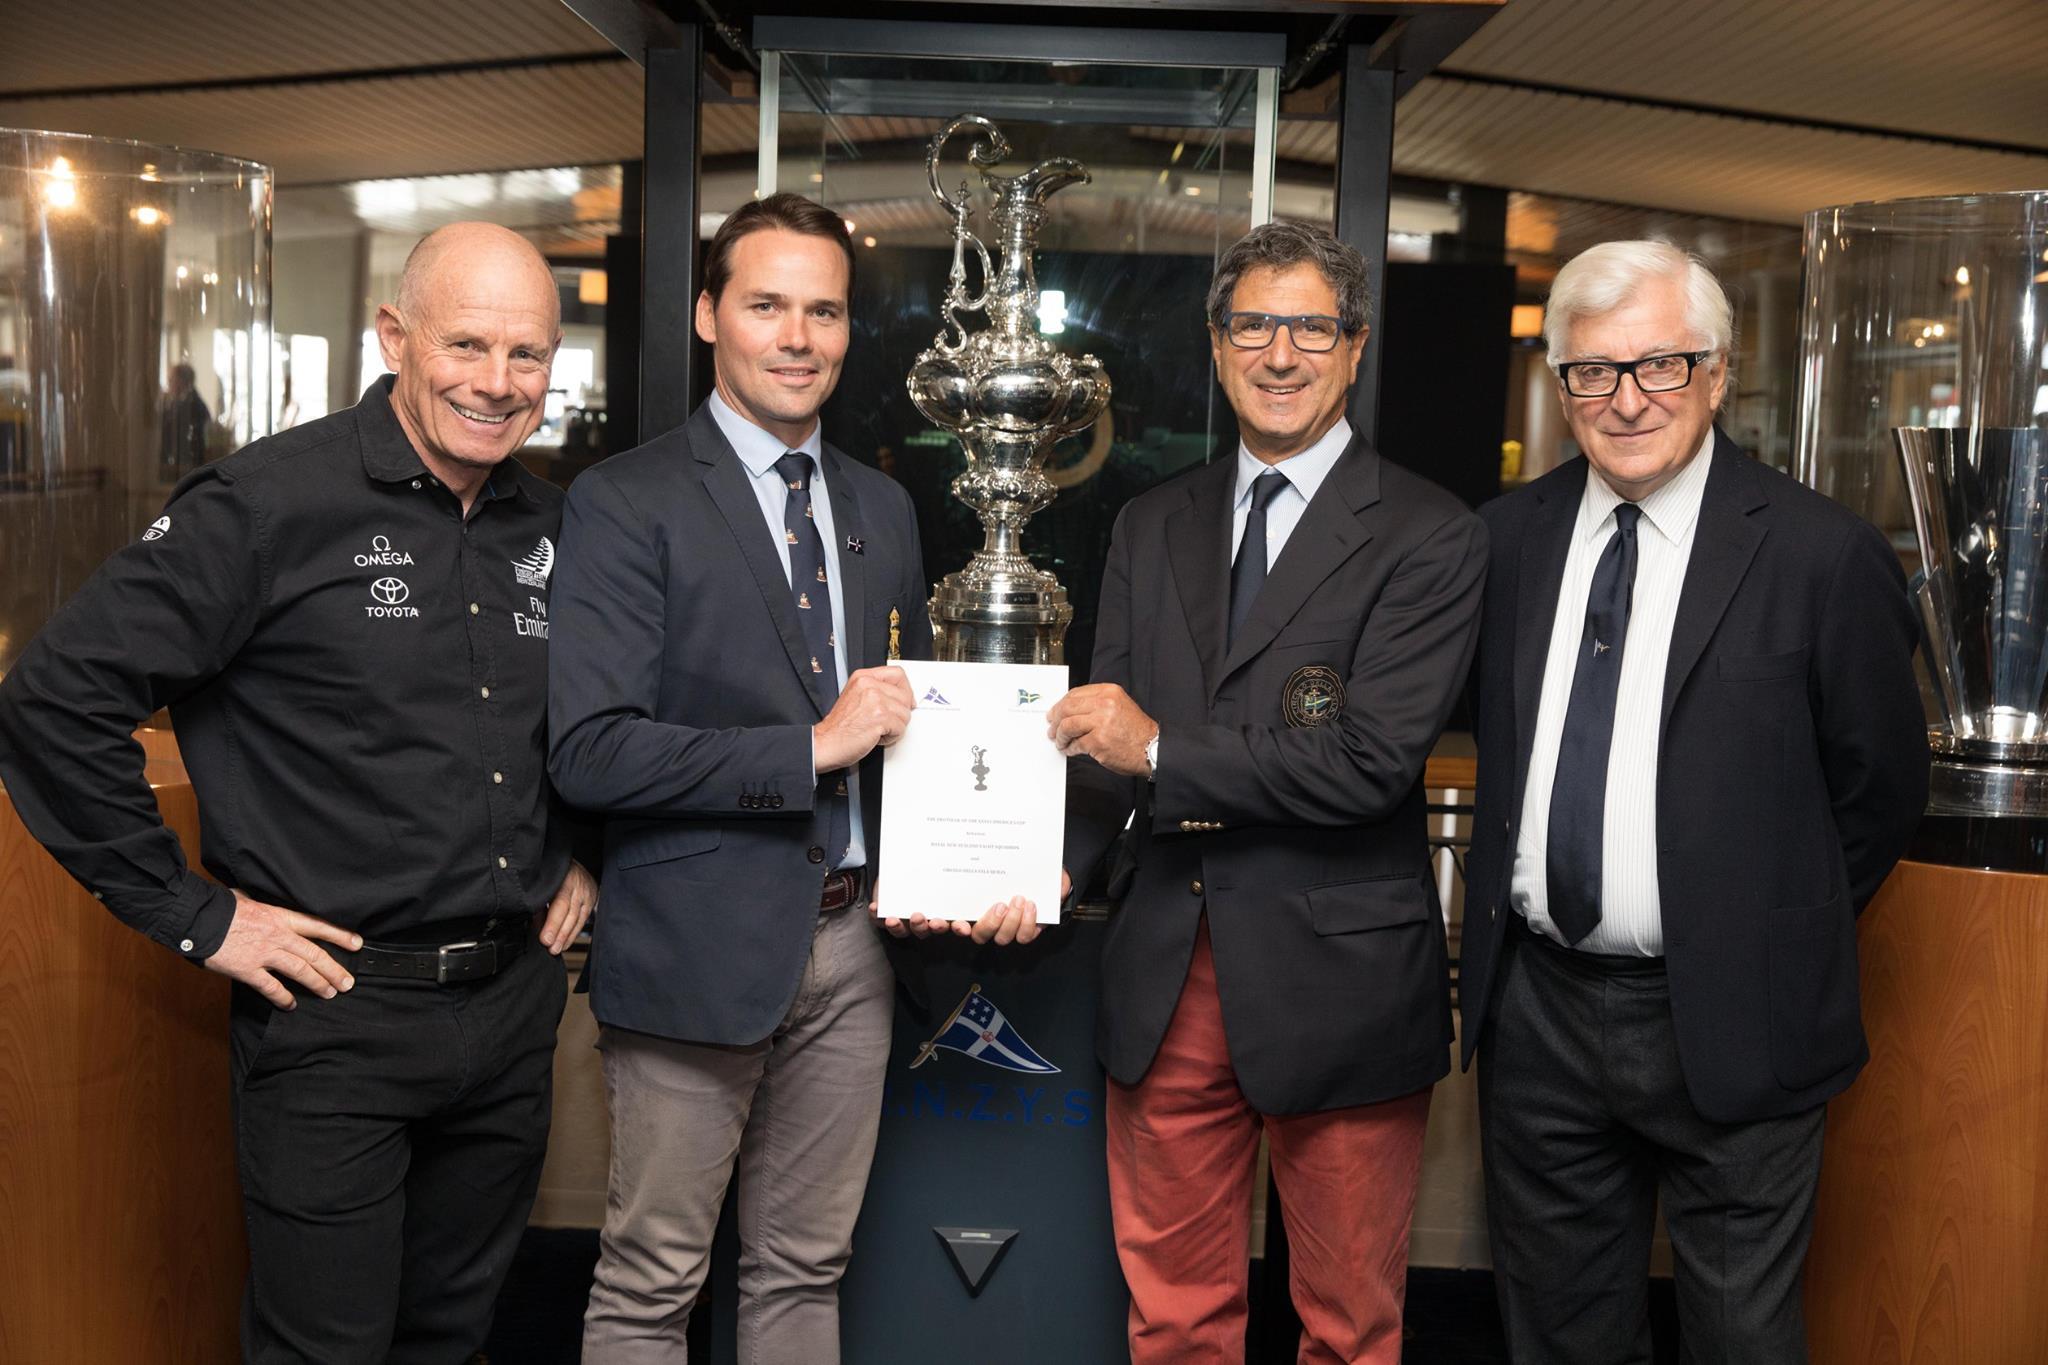 Grant Dalton, Steve Mair con Agostino Randazzo e Patrizio Bertelli.